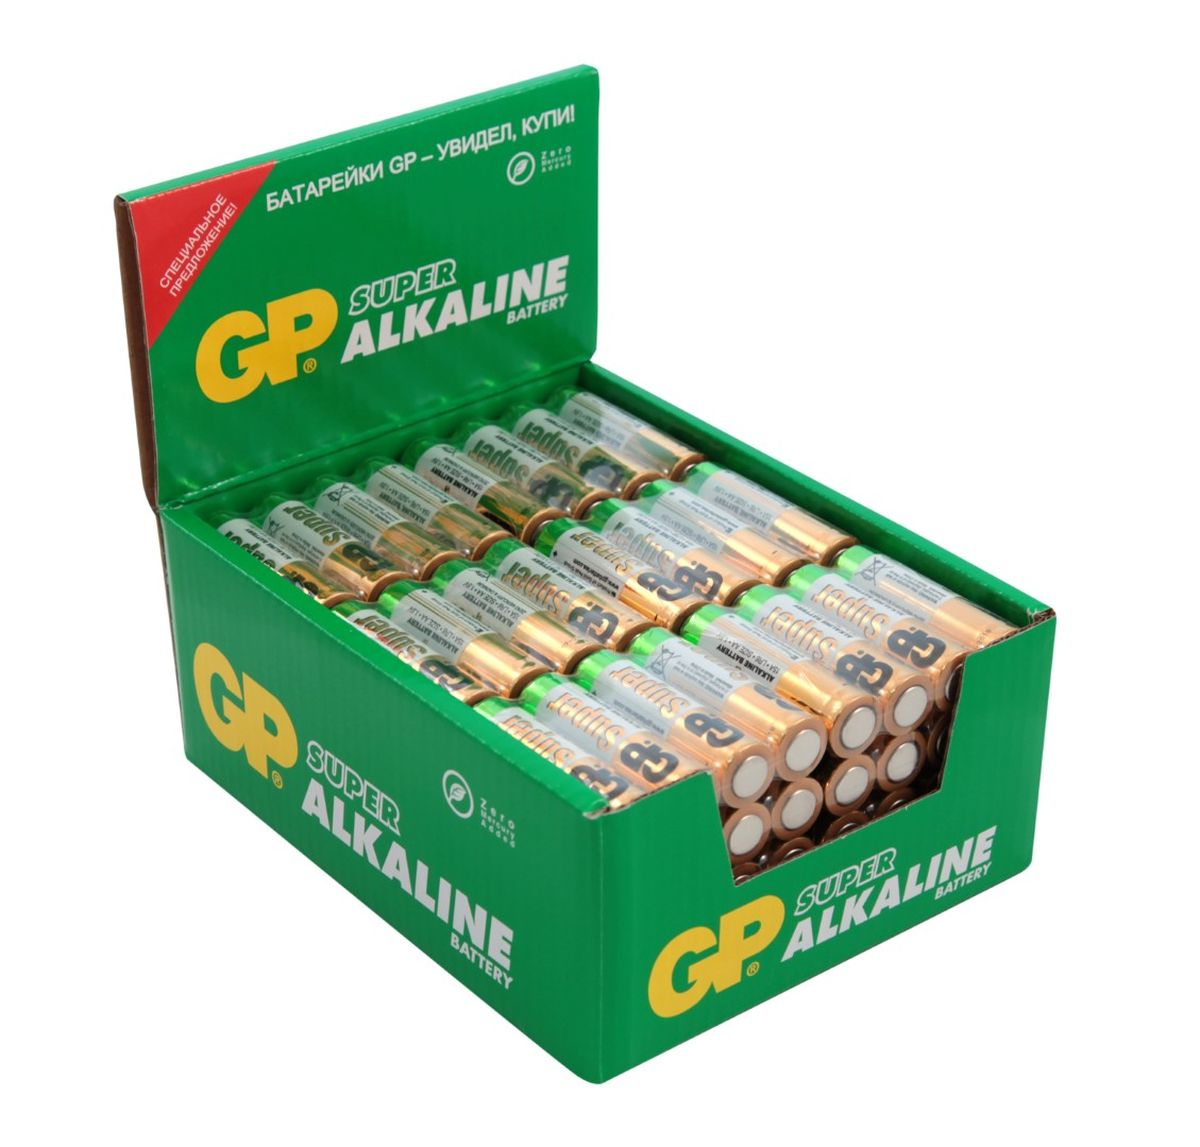 Батарейка алкалиновая GP Batteries Super Alkaline, тип АА, 96 шт2727Комплект GP Batteries Super Alkaline, состоящий из 96 алкалиновых батареек типа АА, имеет широкий спектр применения. Батарейки прекрасно подходят для устройств повседневного использования. Комплект: 96 шт.